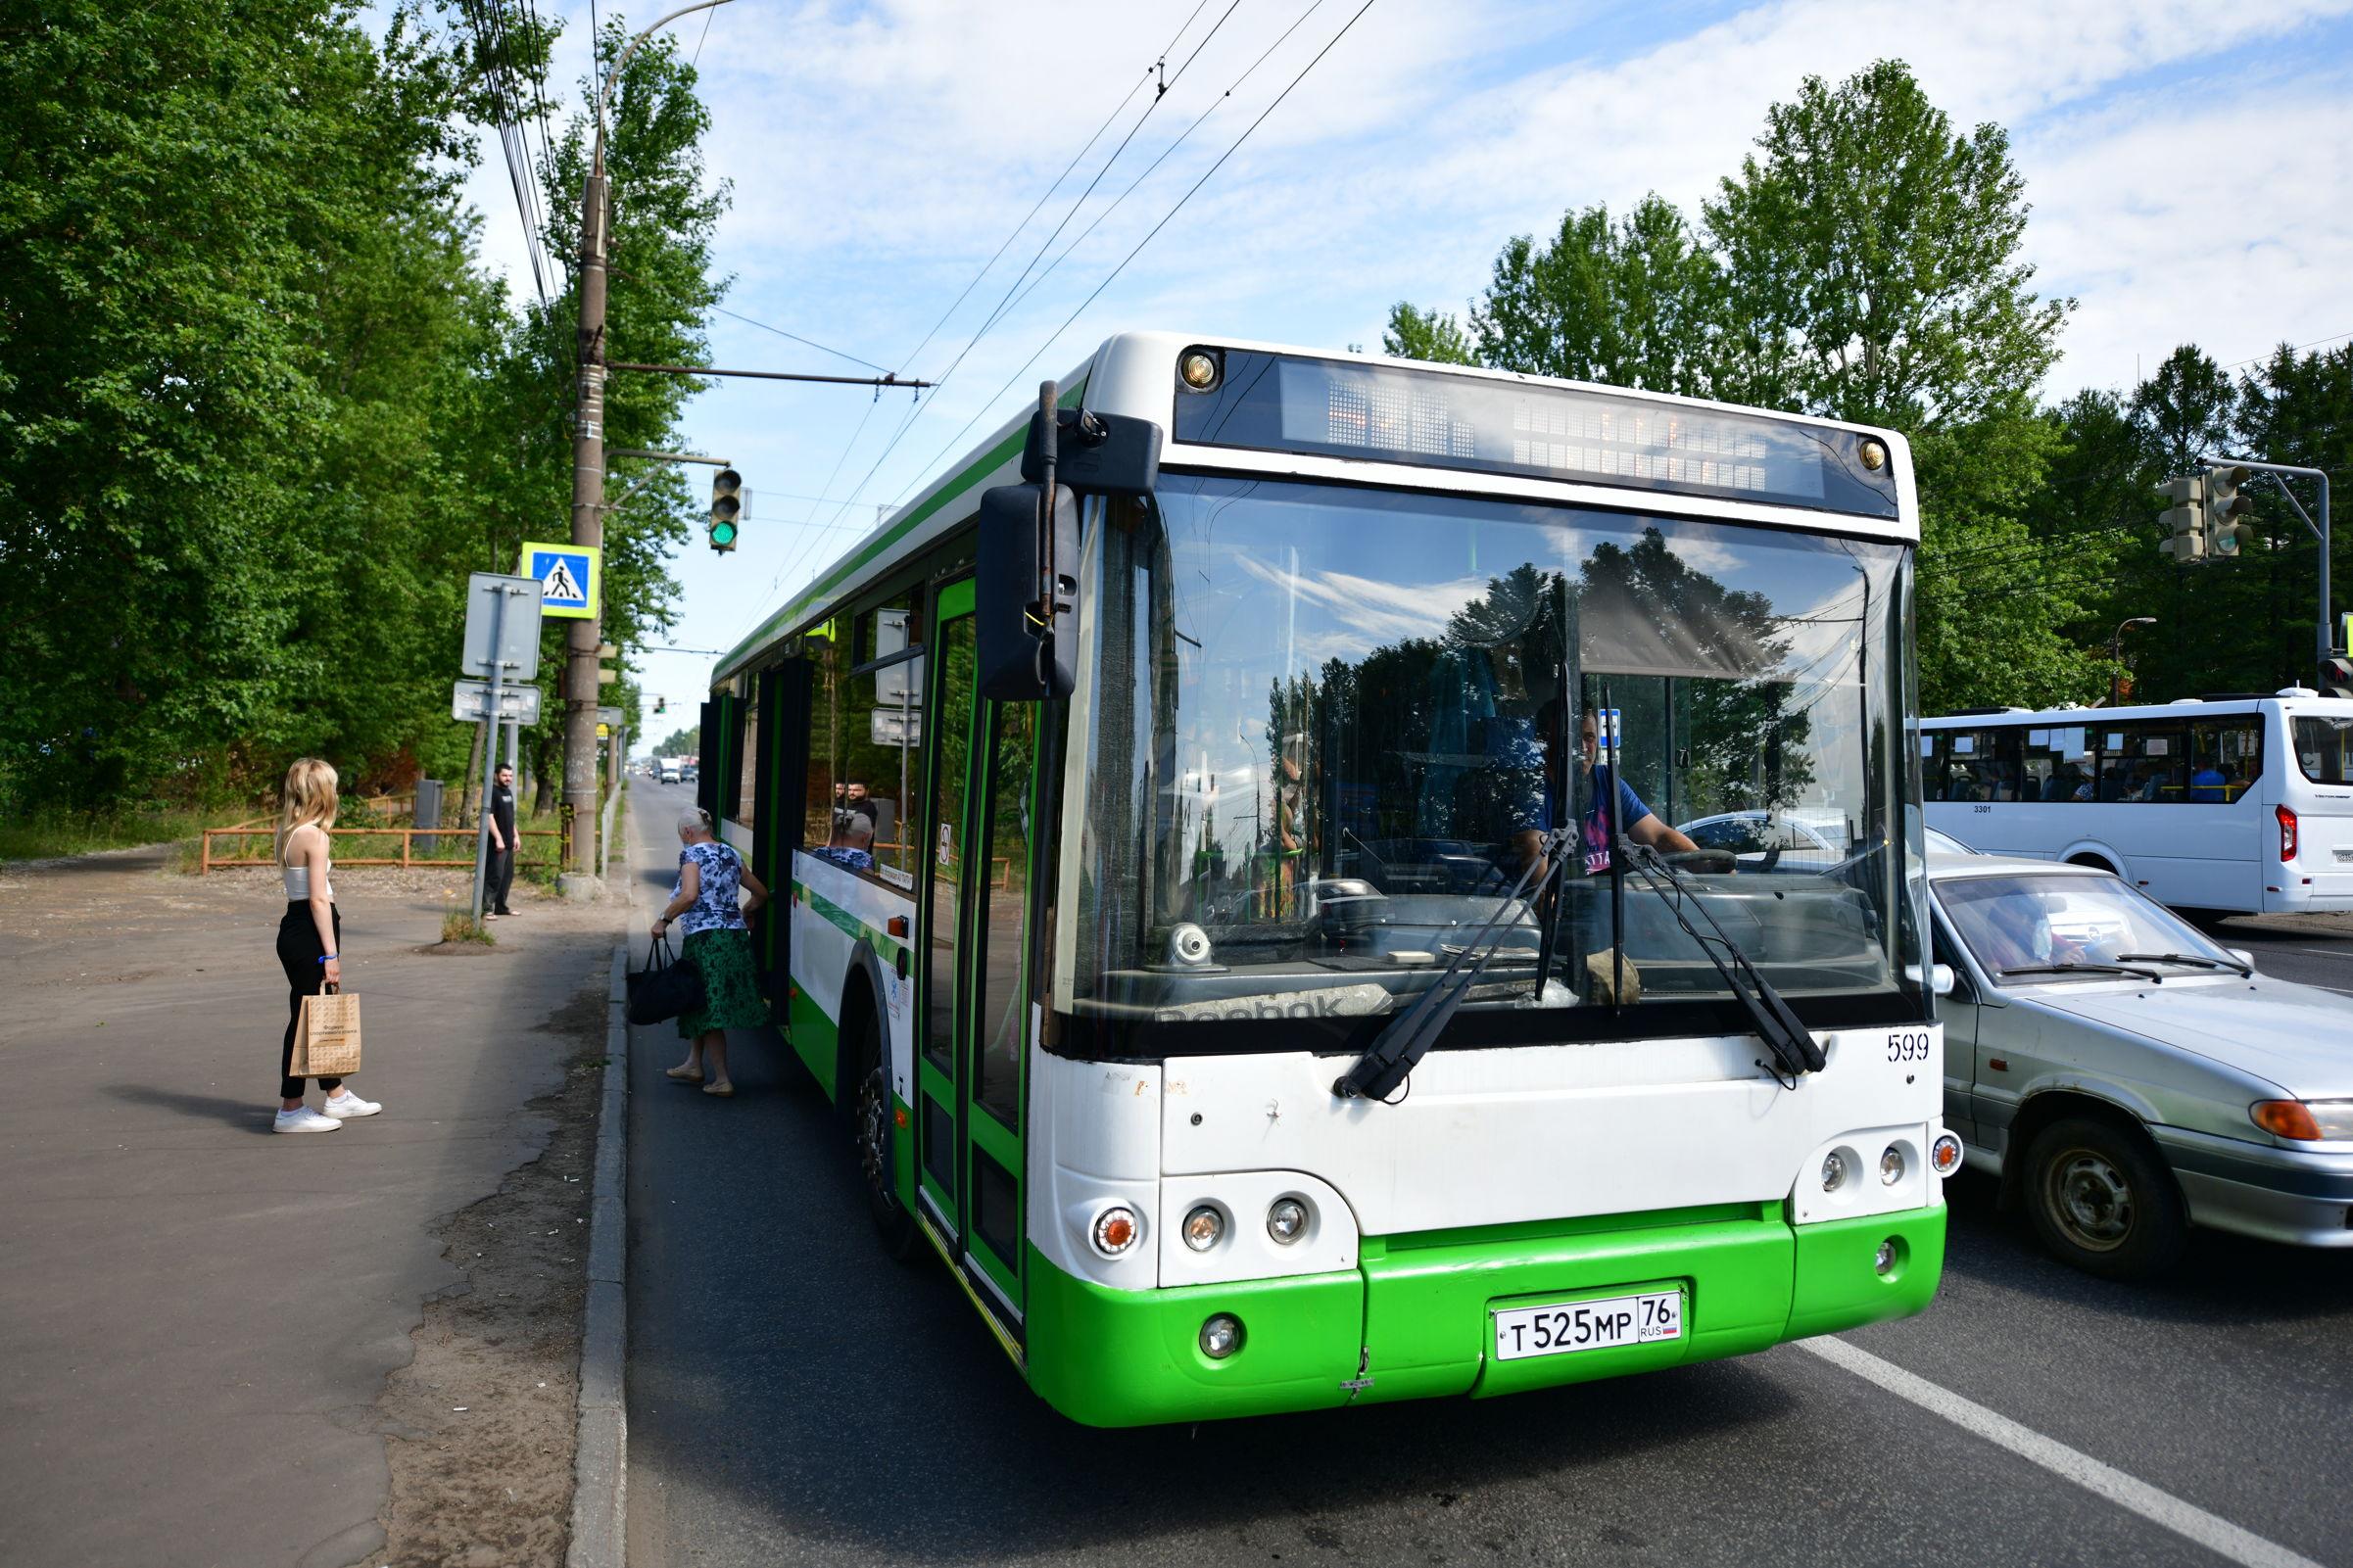 Контроль над соблюдением правил безопасности в общественном транспорте Ярославля усилят